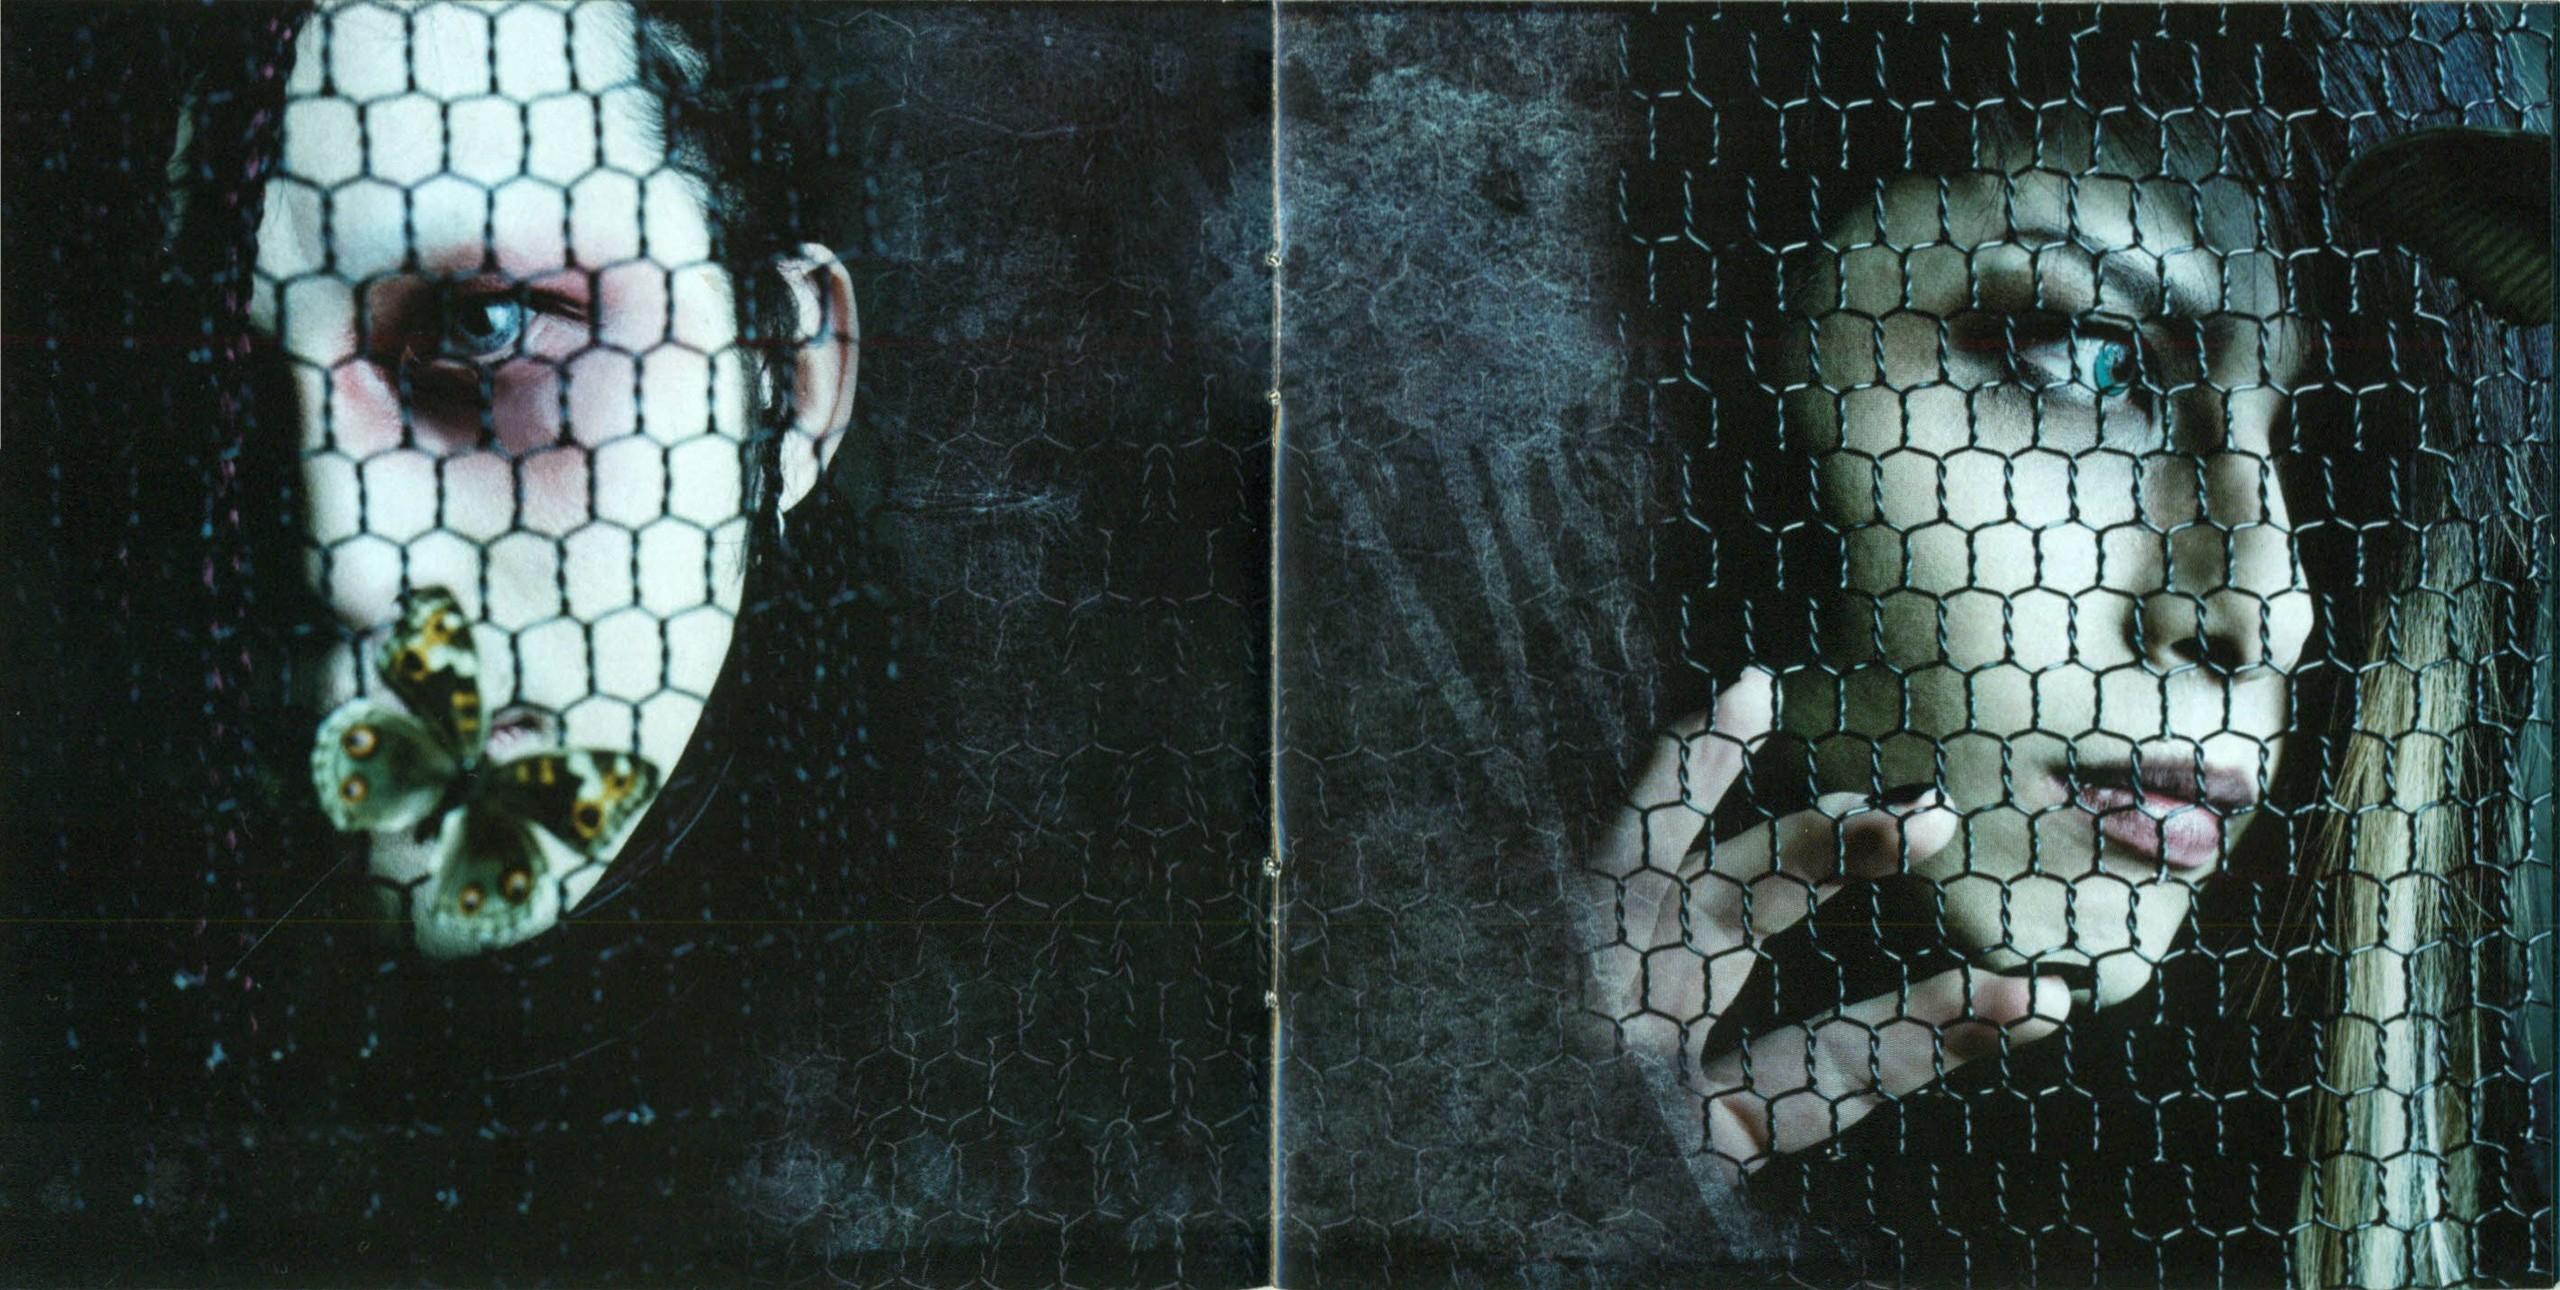 Despairsray imagens despiarsray coll:set cd book